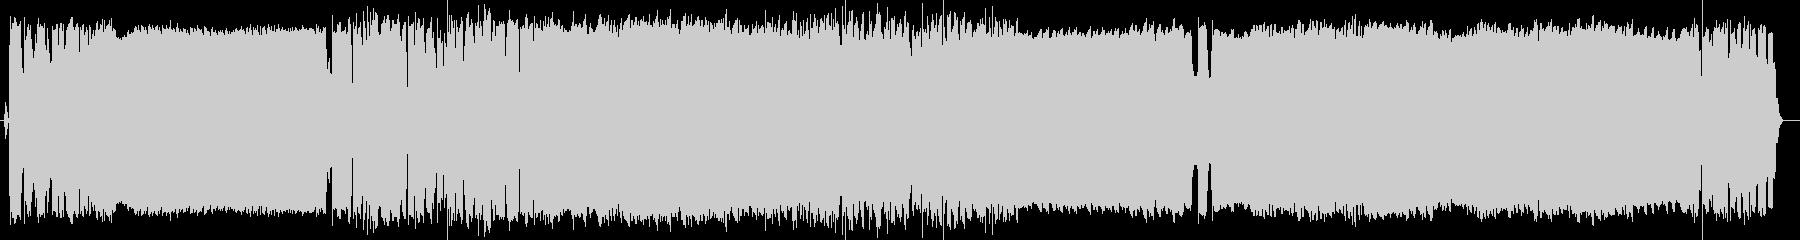 アニソン風デジタルロック 90秒ver の未再生の波形